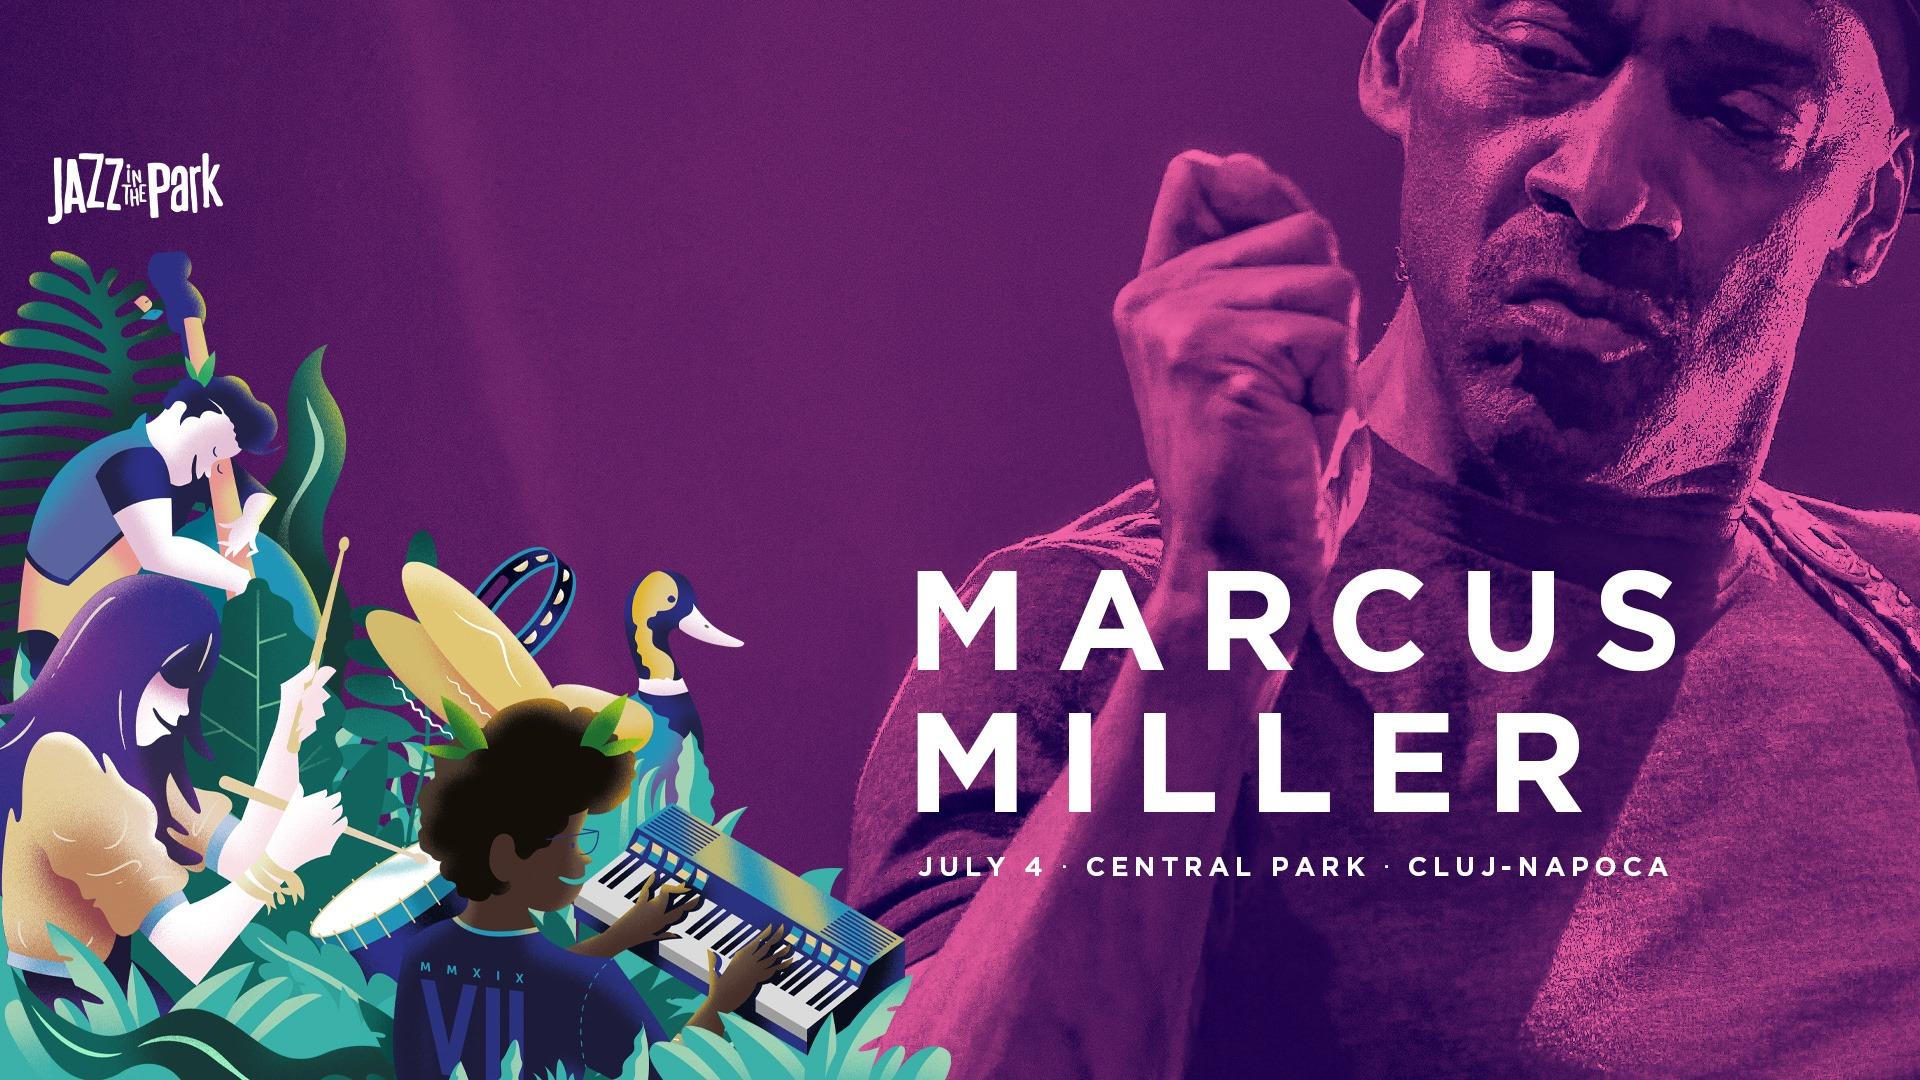 marcus miller la jazz in the park